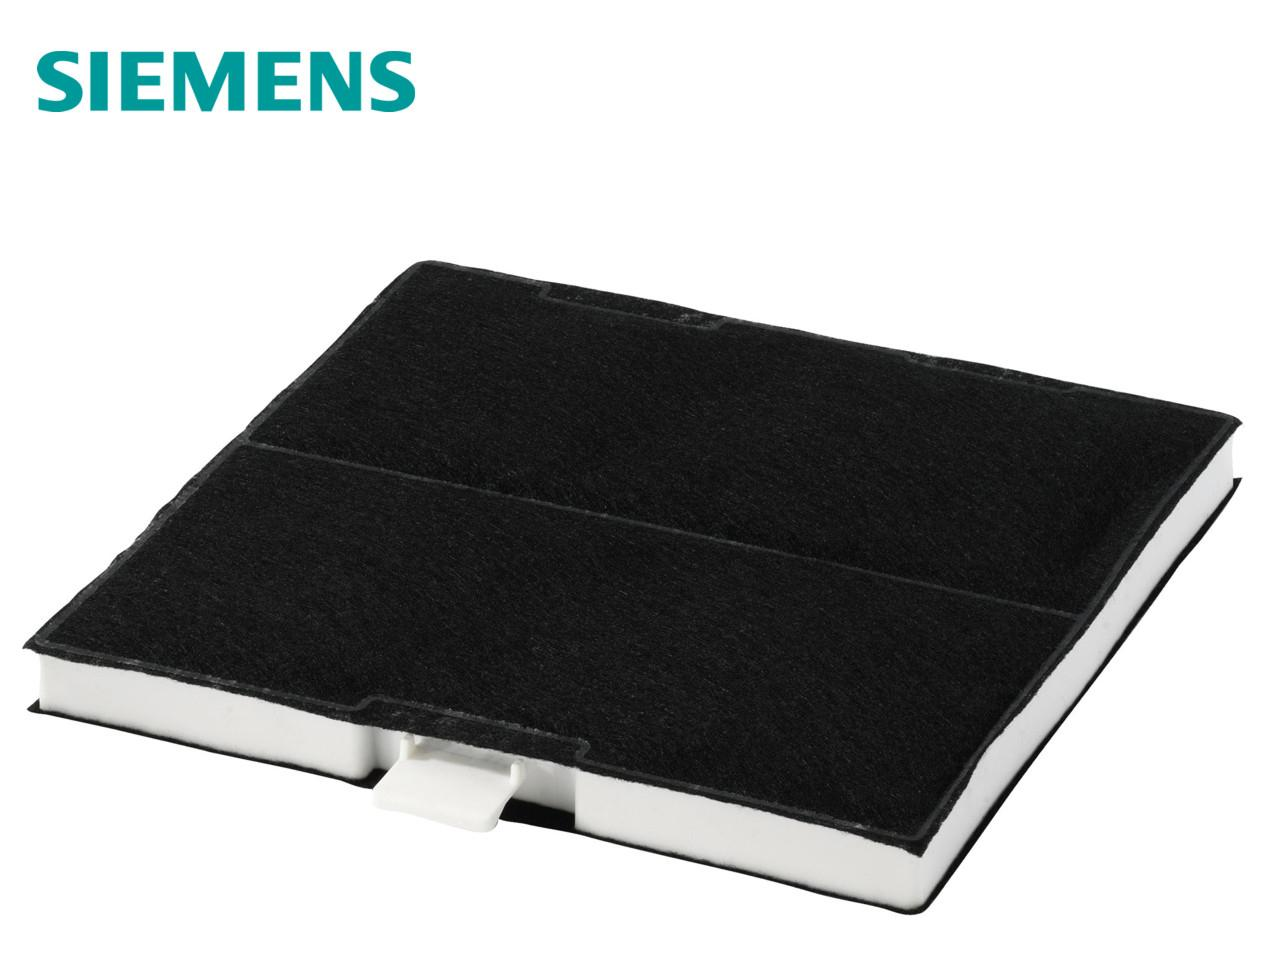 SIEMENS LZ53251, uhlíkový filtr pro digestoř